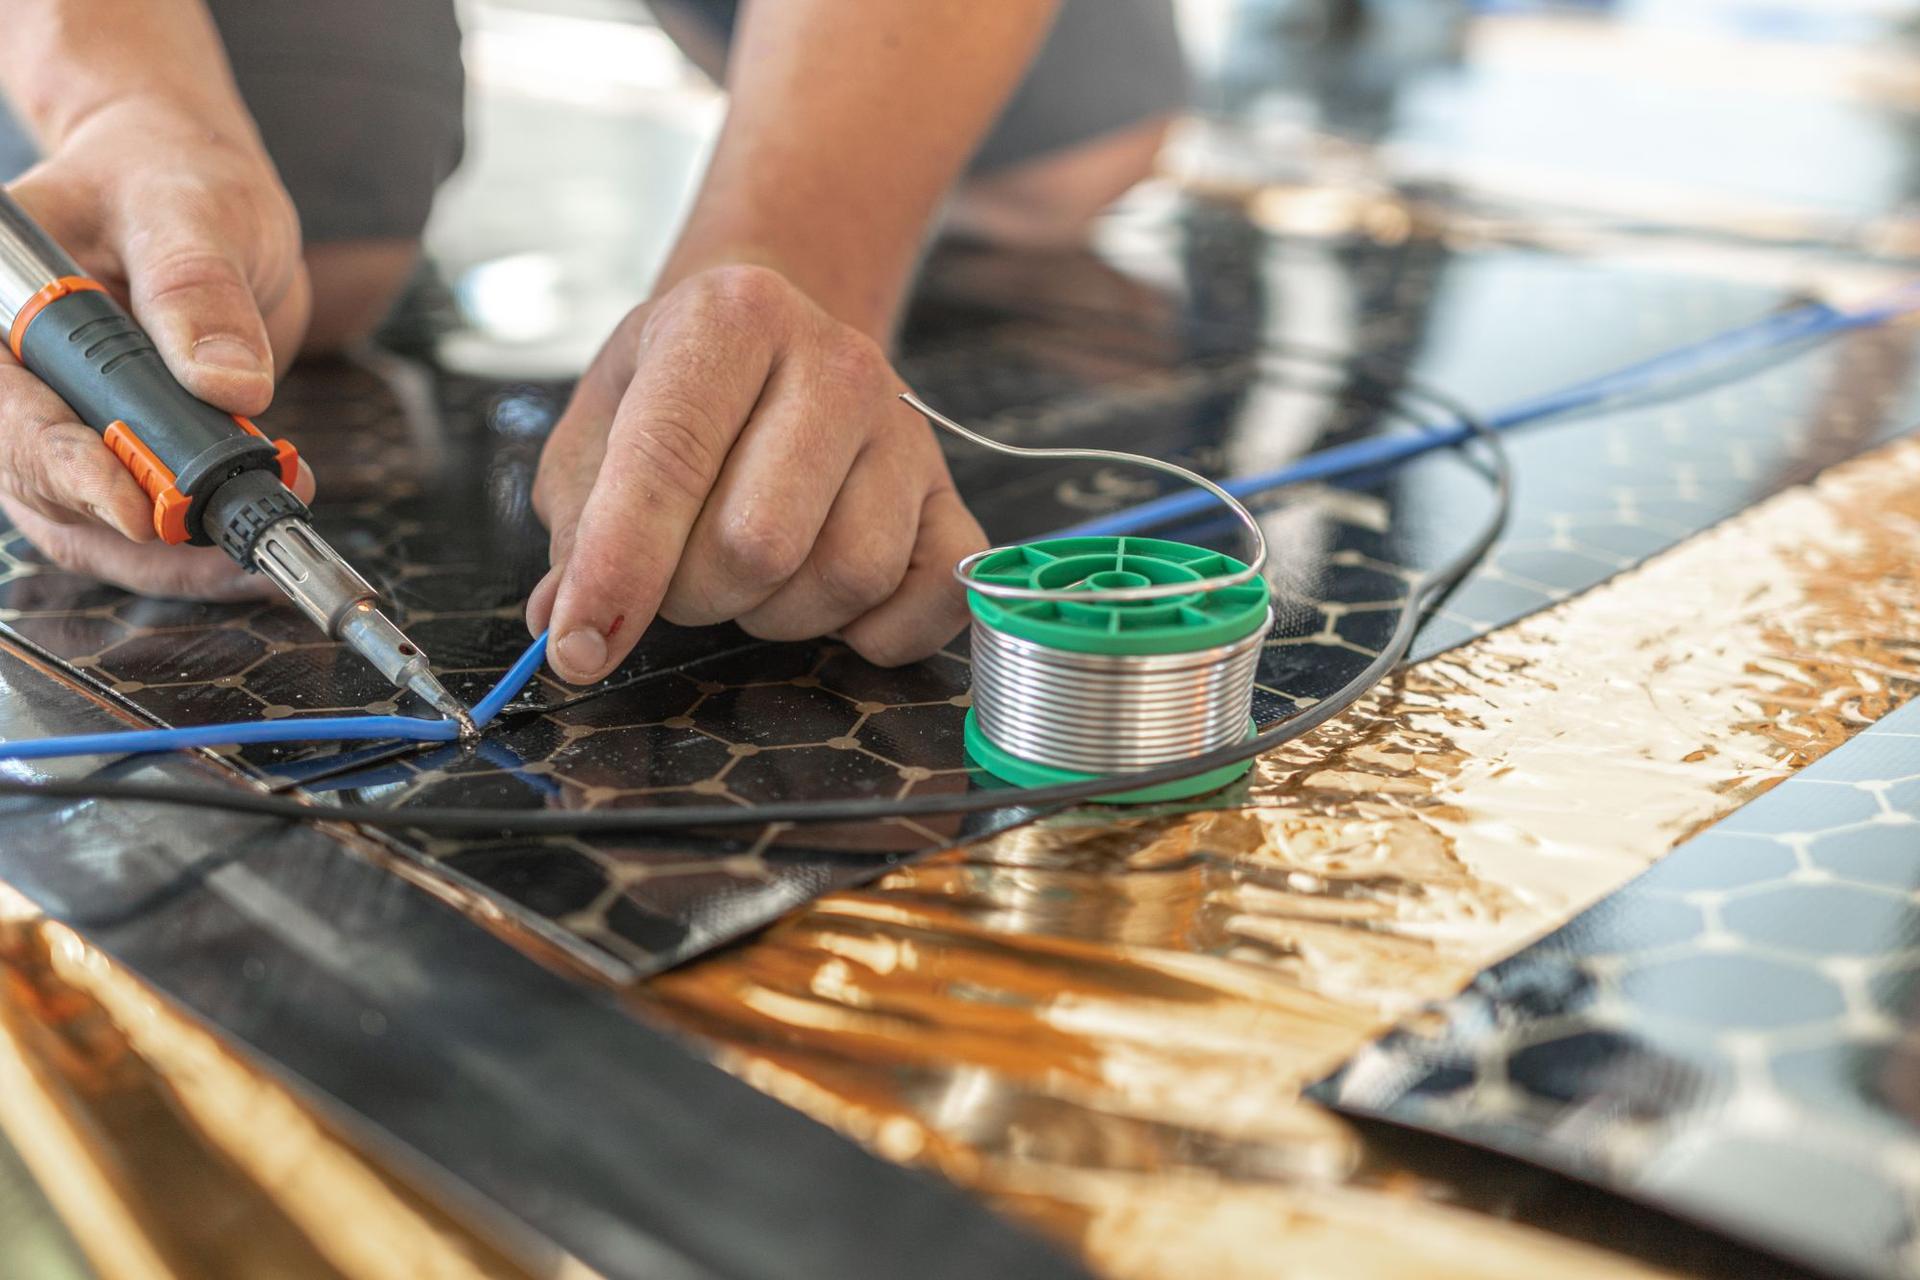 HEVOLTA - Inštalácia infračerveného podlahového kúrenia NanoCloth - Pripojenie káblov, izolácia a inštalácia podlahového senzoru